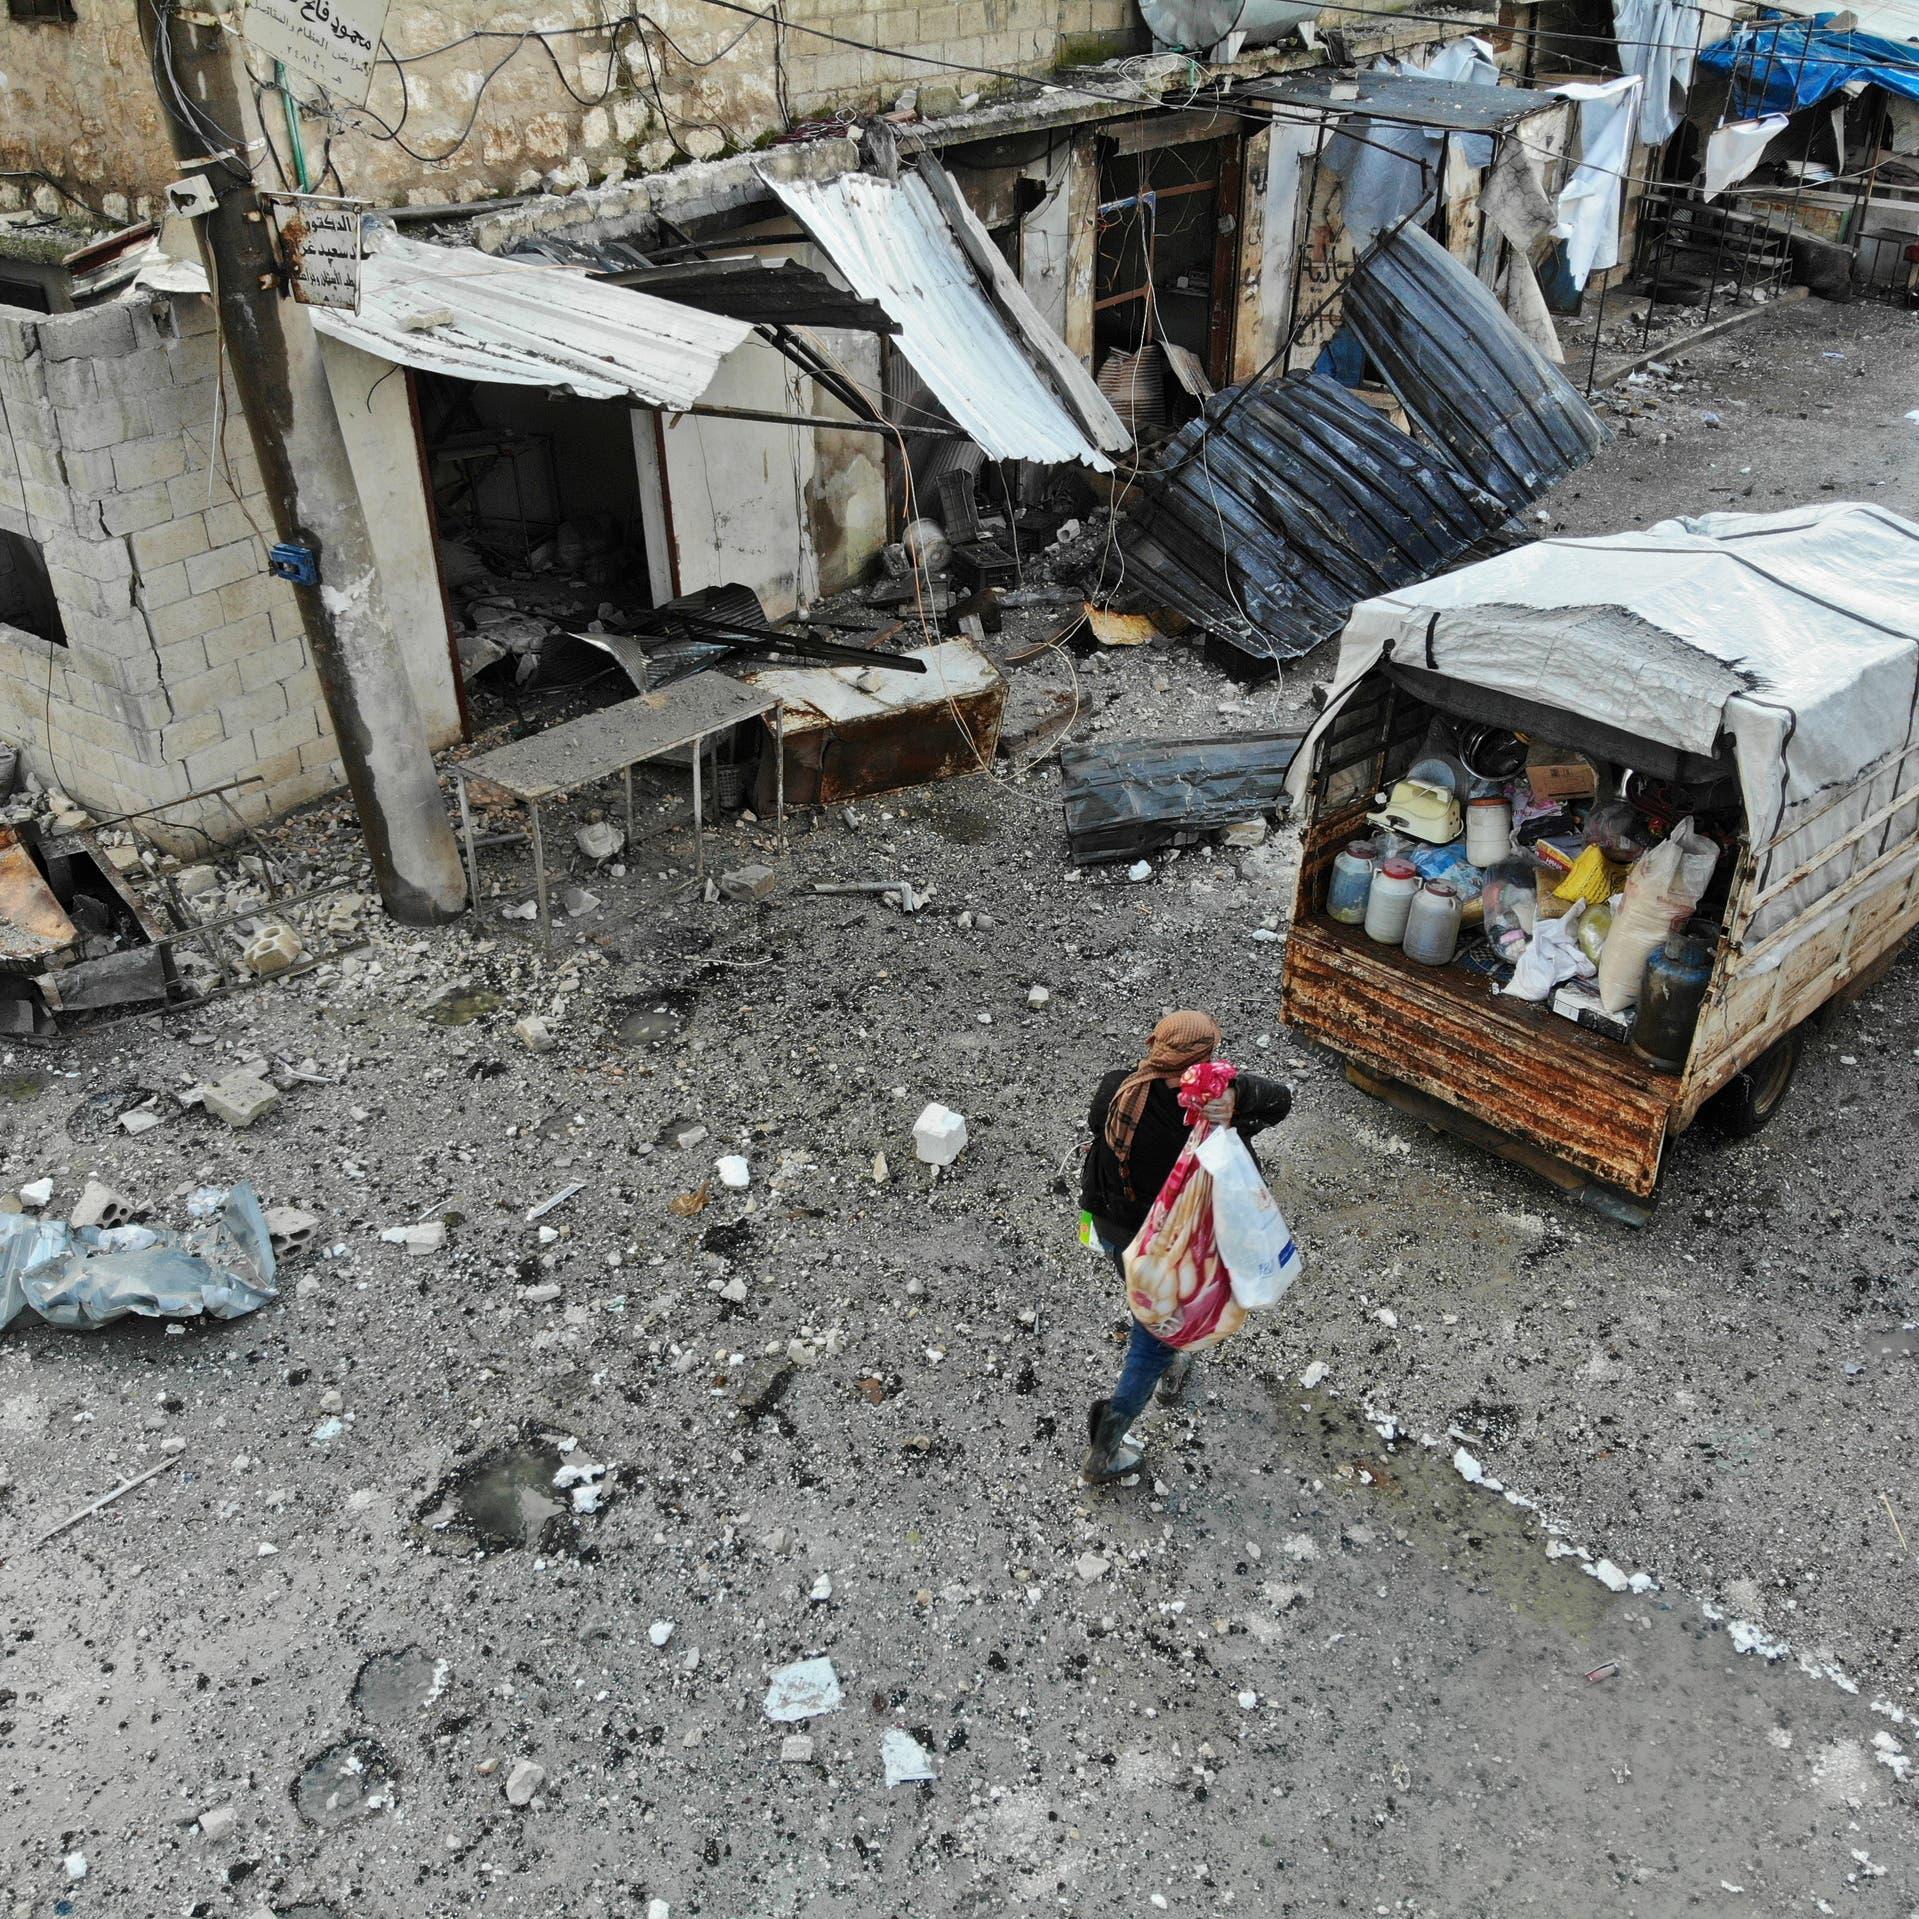 وزير خارجية الأردن يبحث مع مسؤولين روسيين أوضاع سوريا